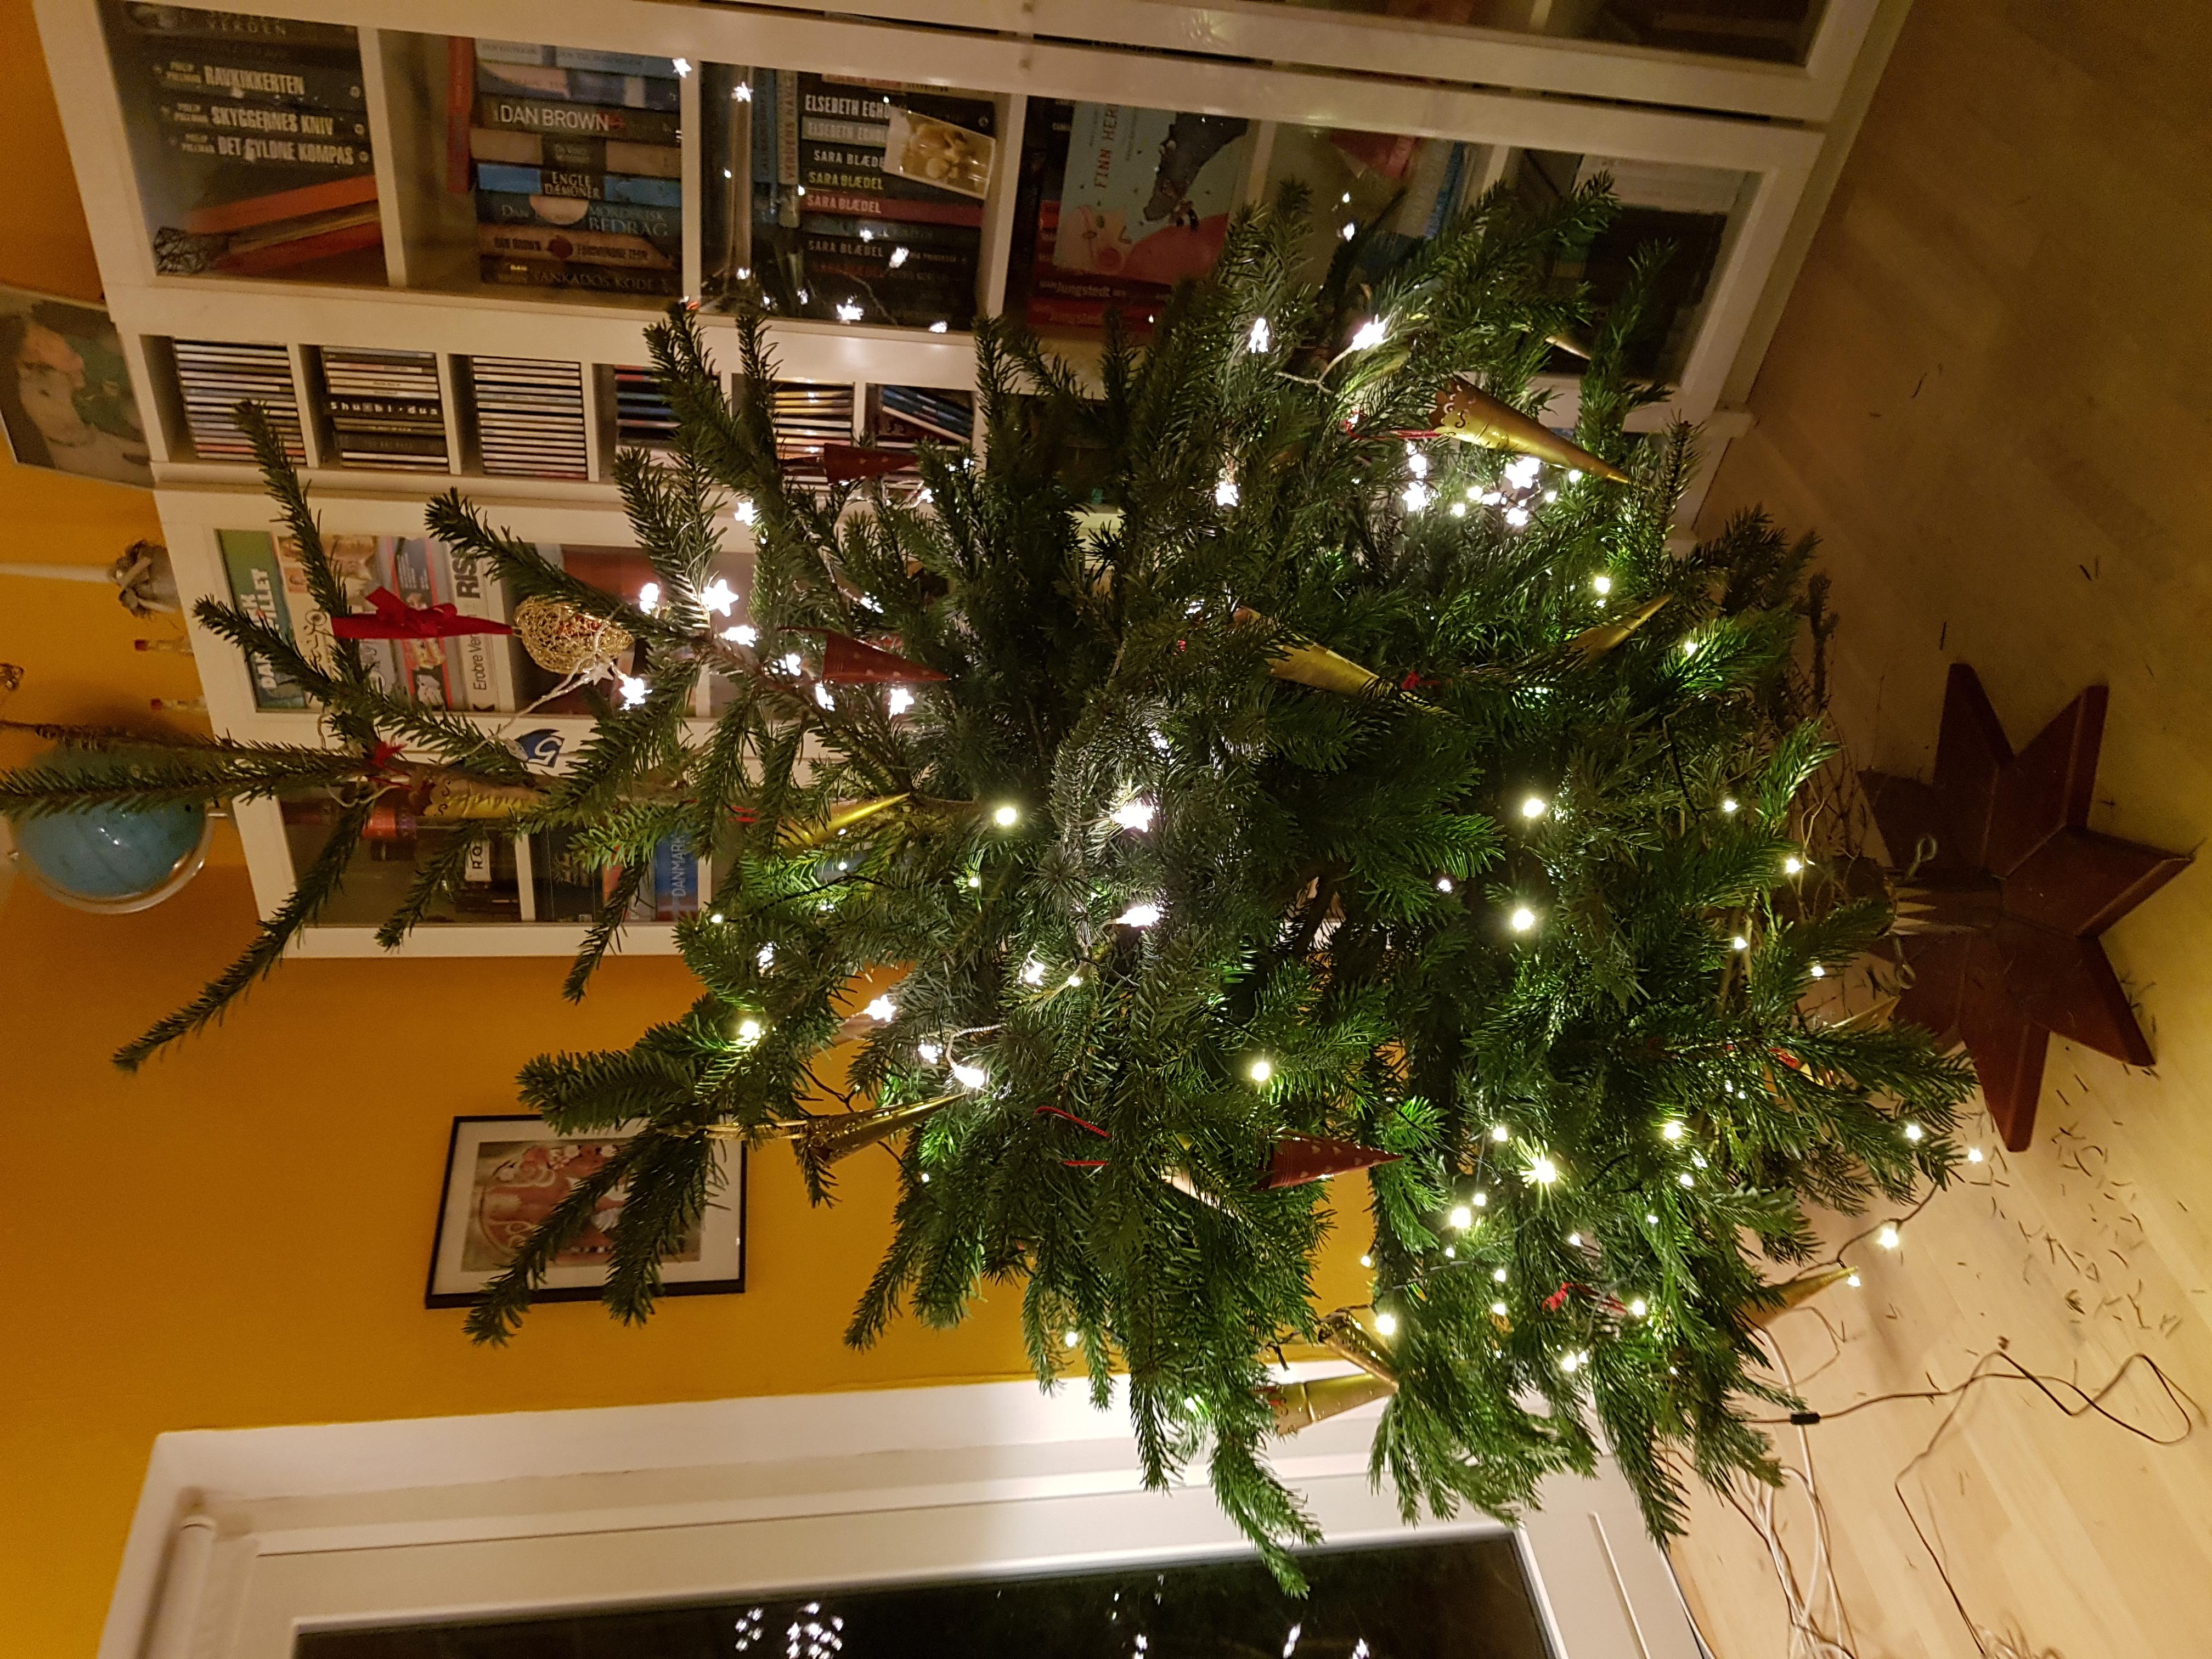 juletræ 2020-12-24 21.22.02